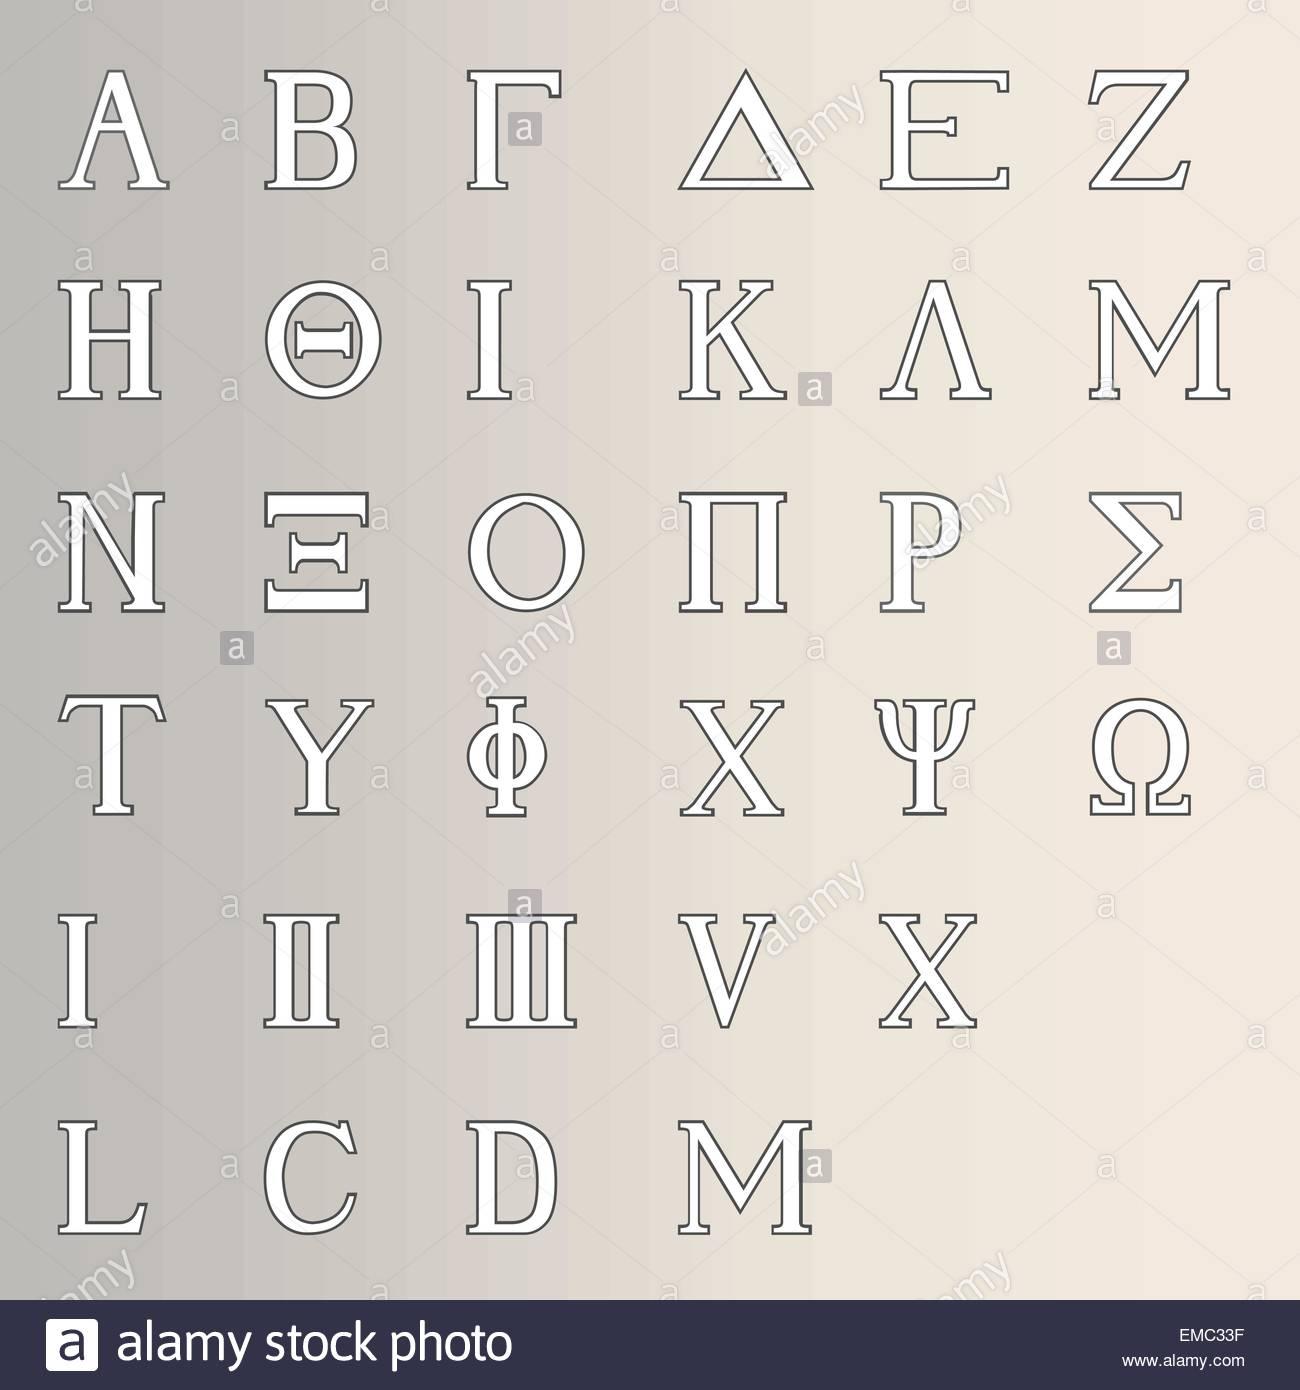 Greek Letter Psi On Keyboard